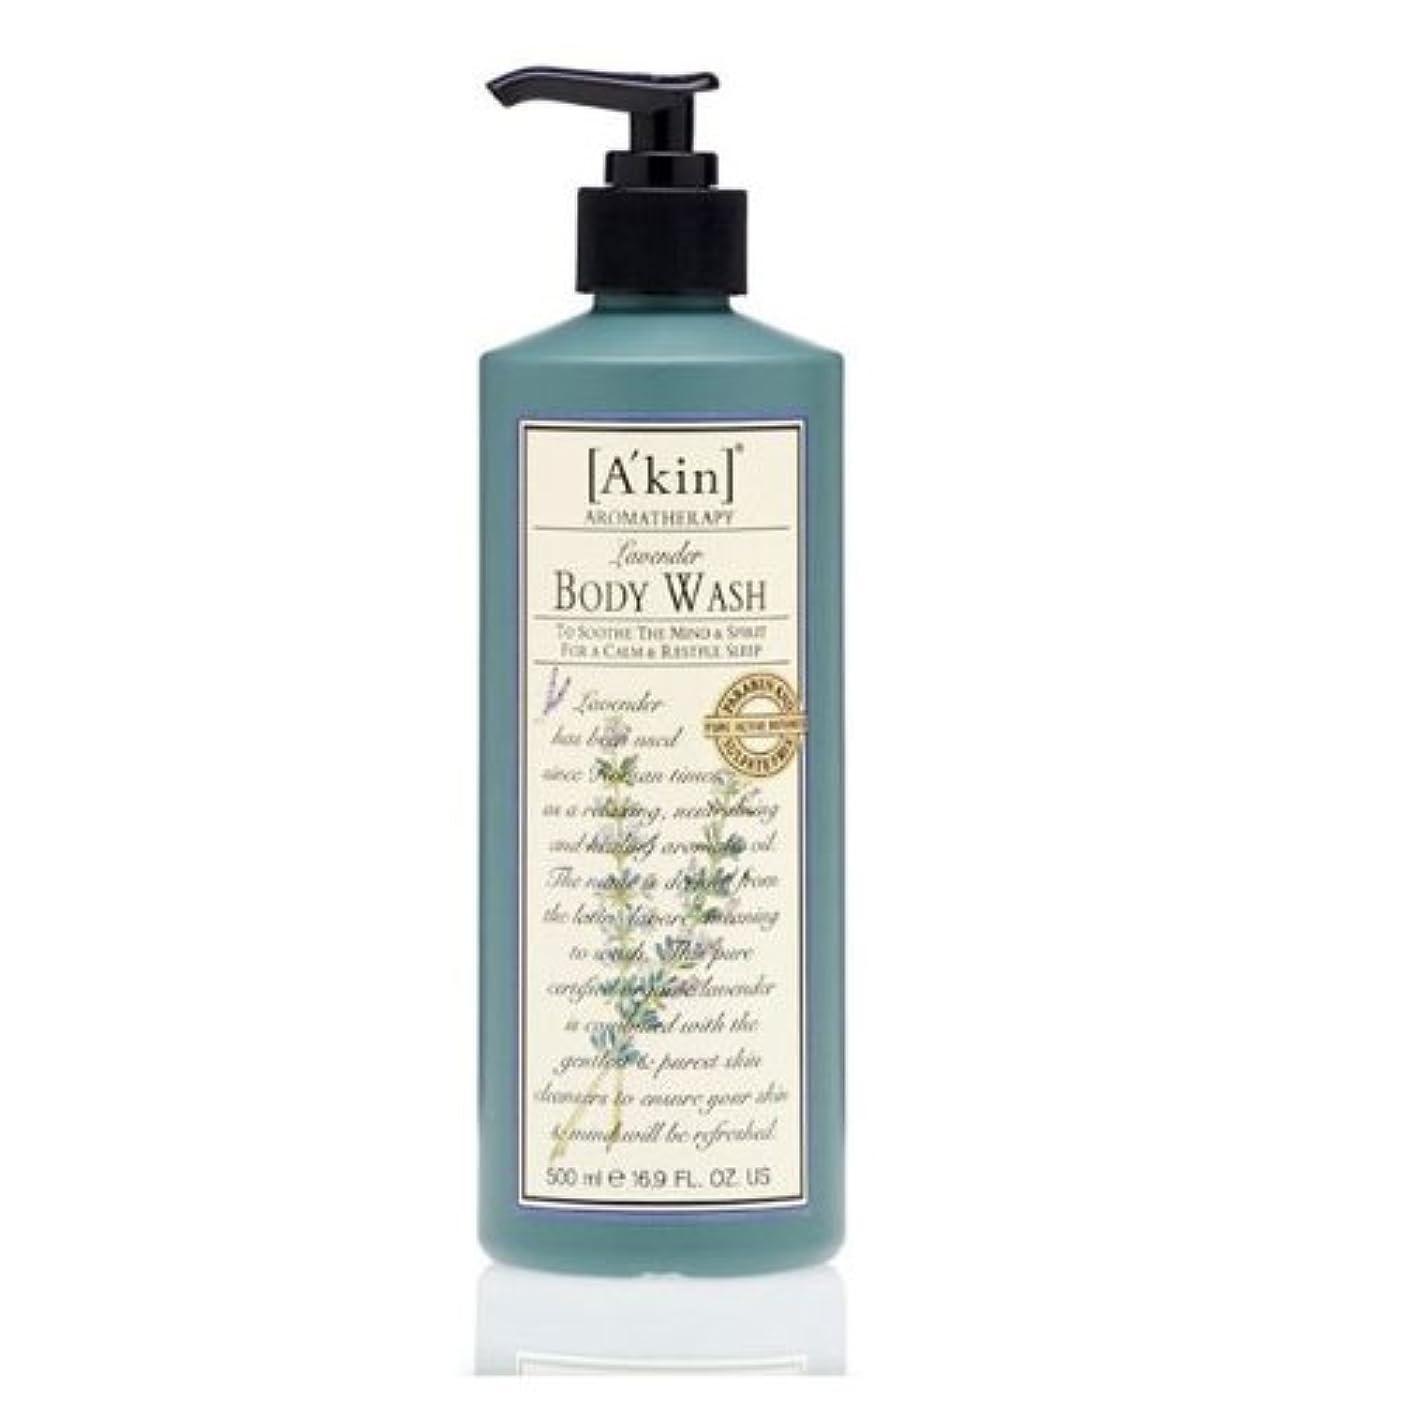 聡明ユダヤ人大脳A'kin Lavender Body Wash 500ml by A'kin